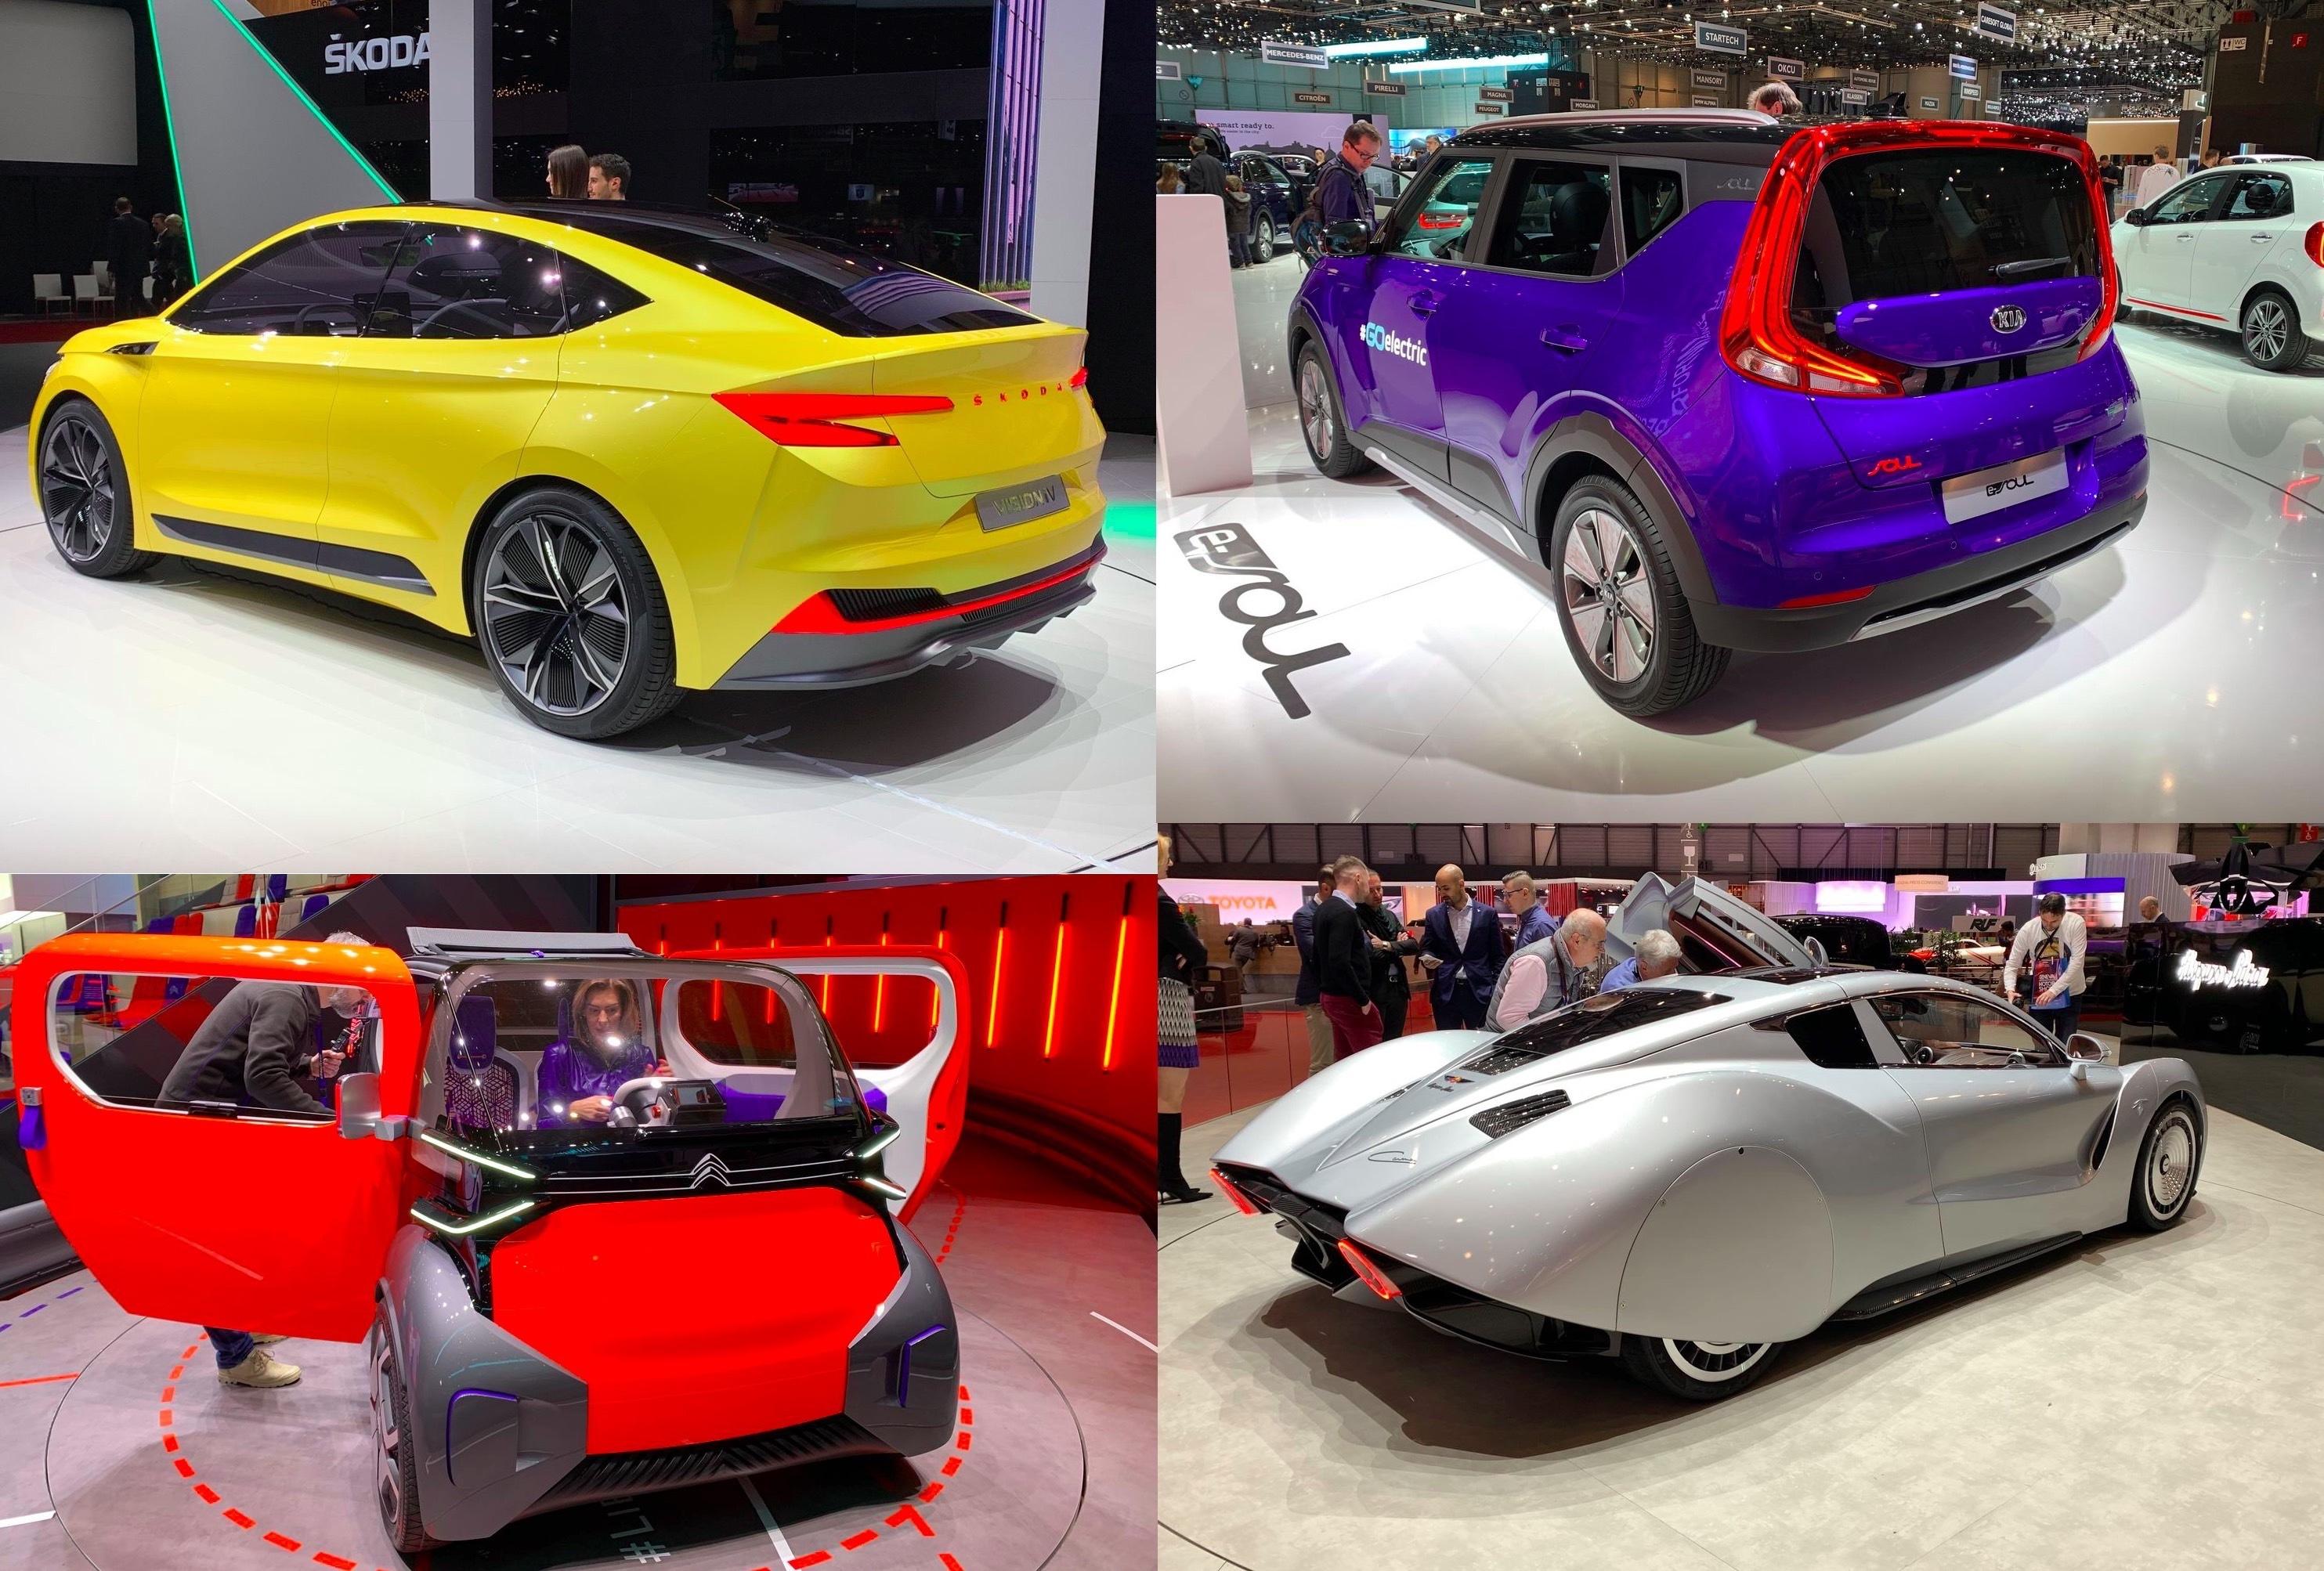 Choisissez la voiture la plus moche du Salon de Genve 2019